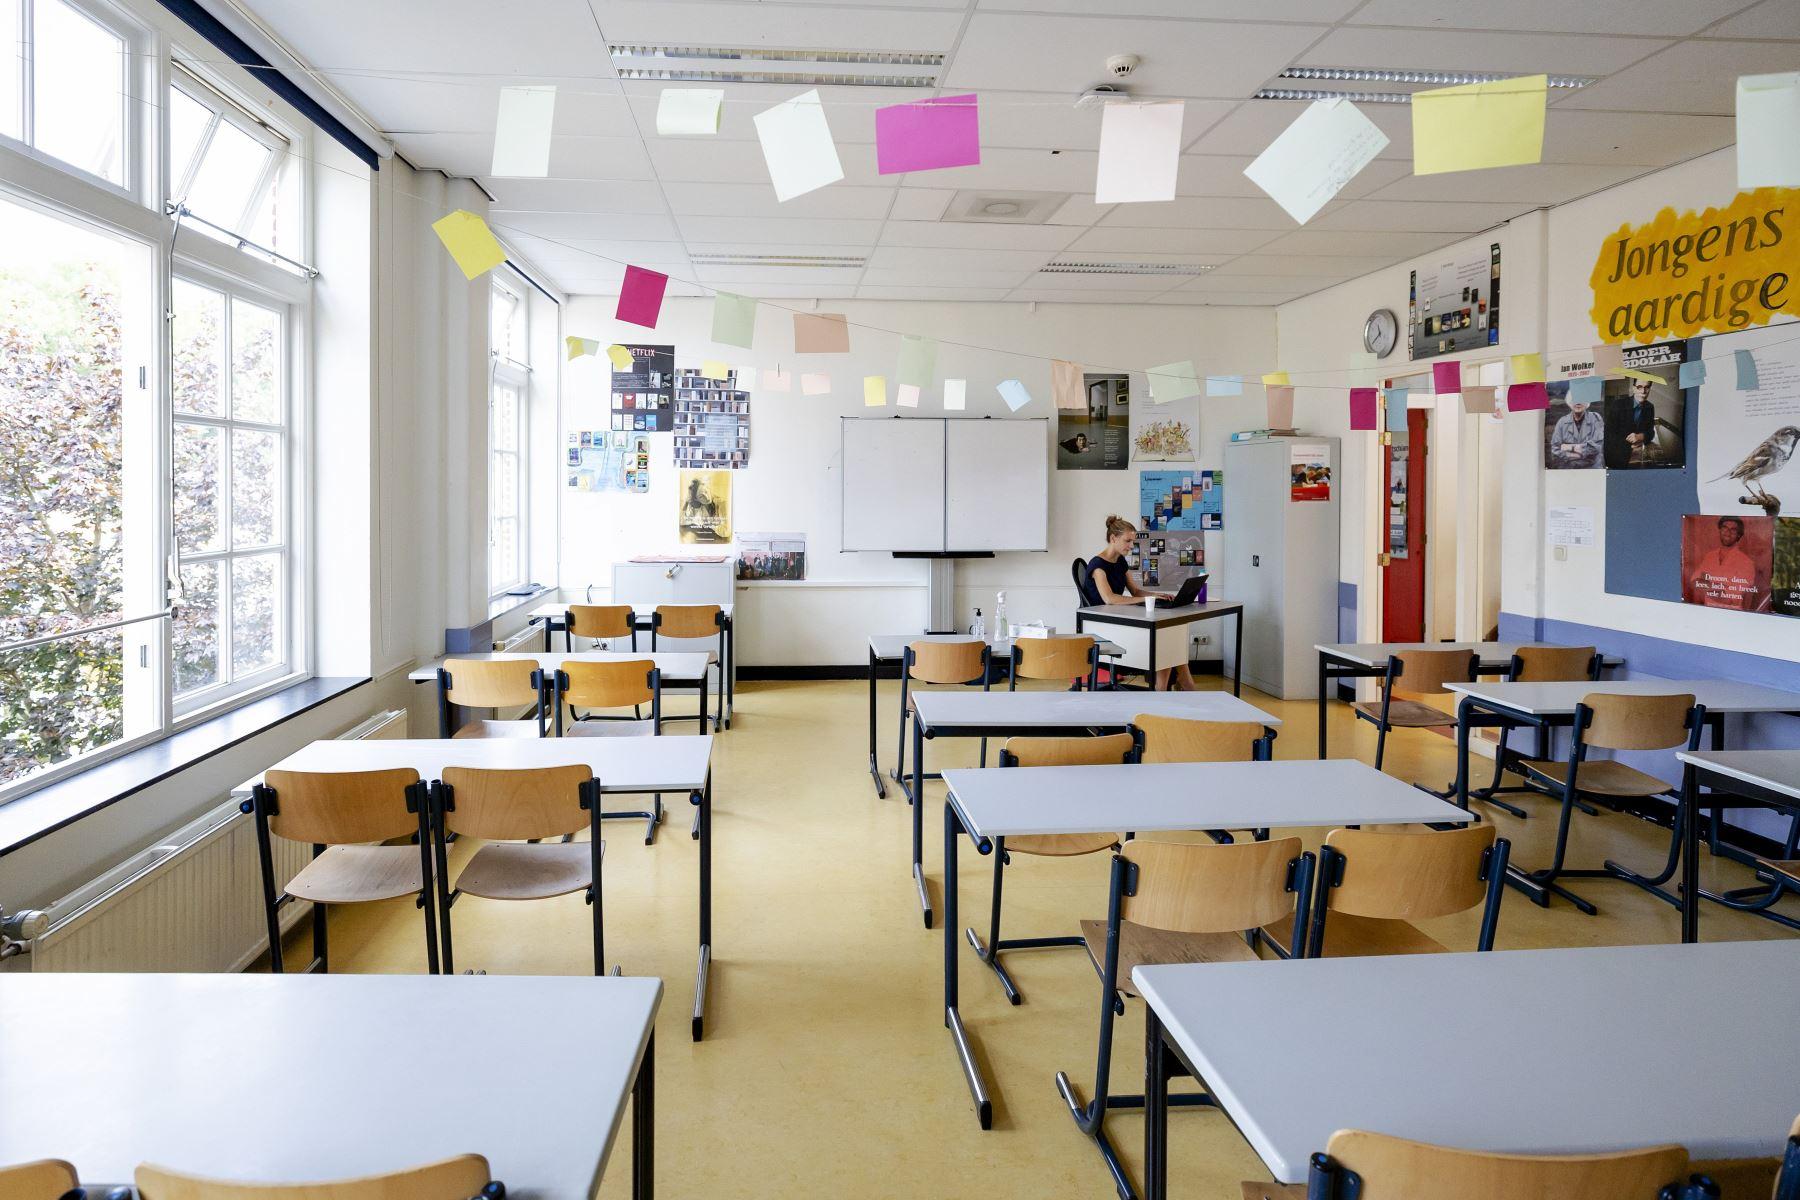 covid-19-paises-bajos-extiende-a-febrero-el-cierre-de-colegios